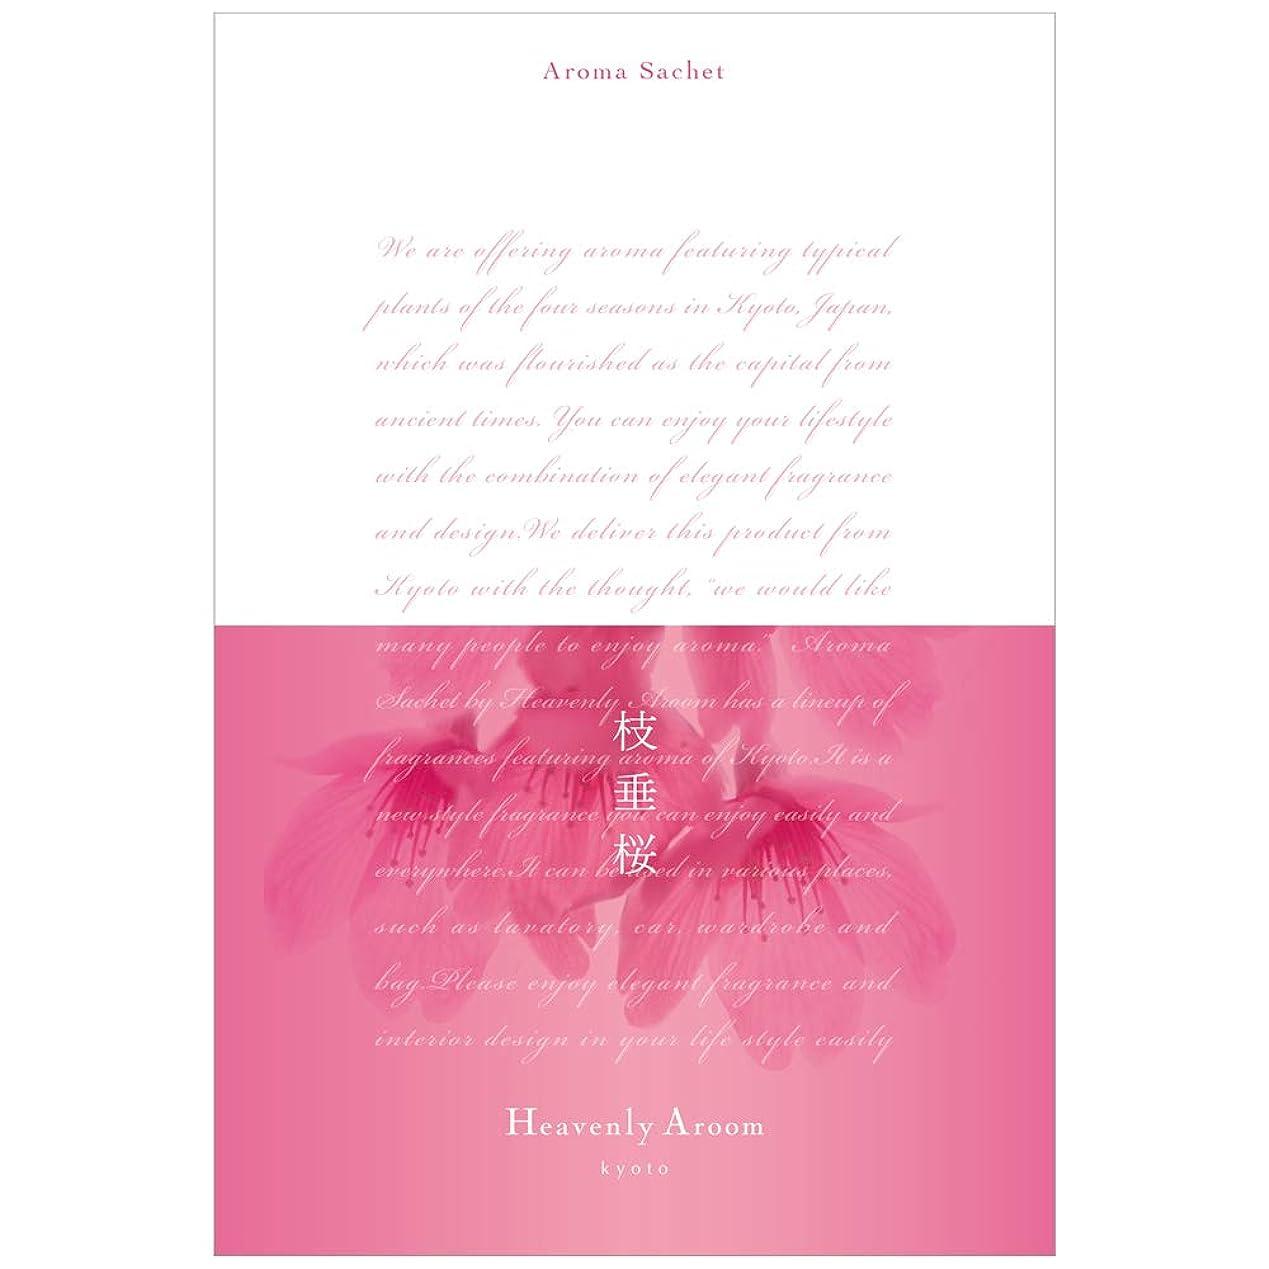 フロンティア吸収剤作りますHeavenly Aroom アロマサシェM 枝垂桜